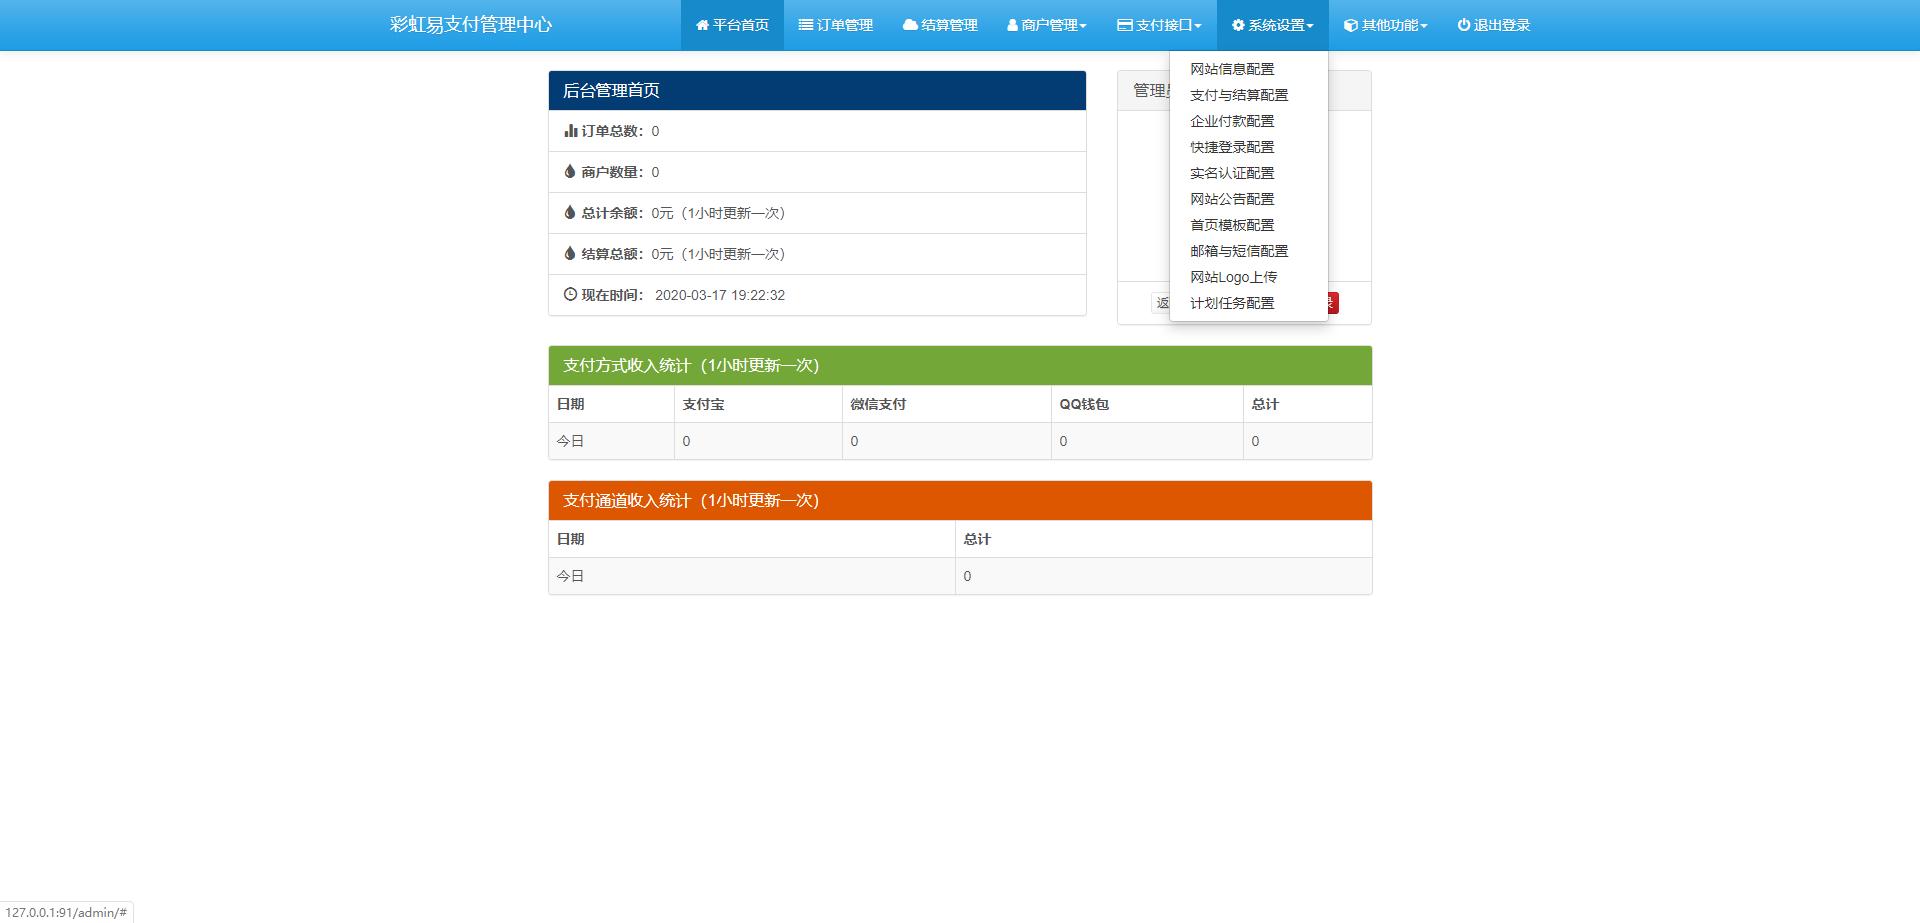 最新彩虹易支付原版系统个人免签源码免费下载-常网小站Miknio